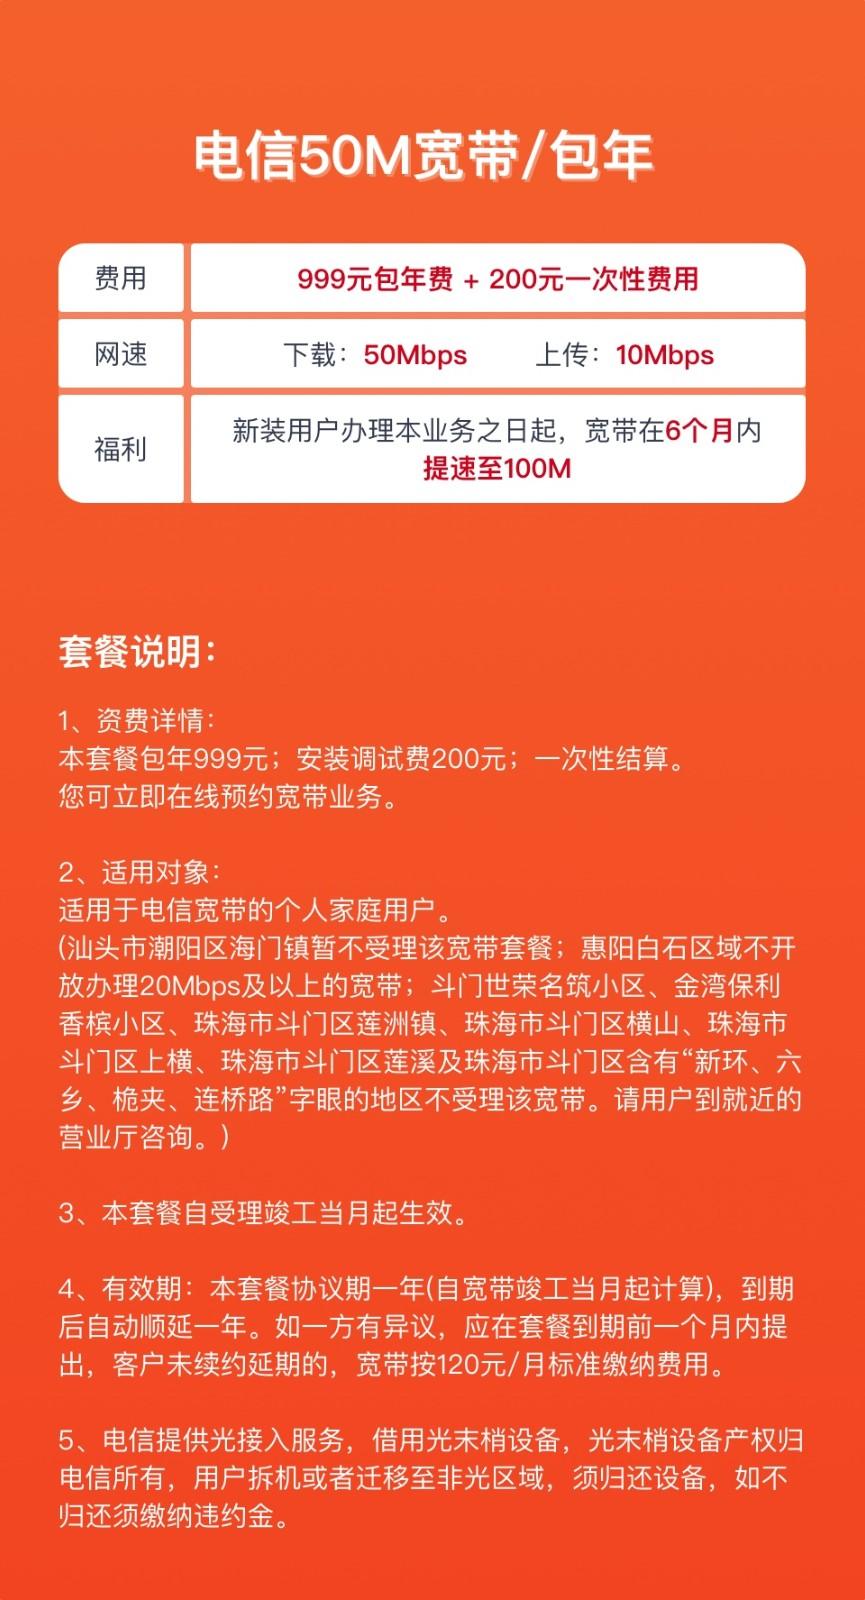 阳江,揭阳,汕头、潮州、汕尾、肇庆、珠海、梅州、河源、惠州,韶关.jpg